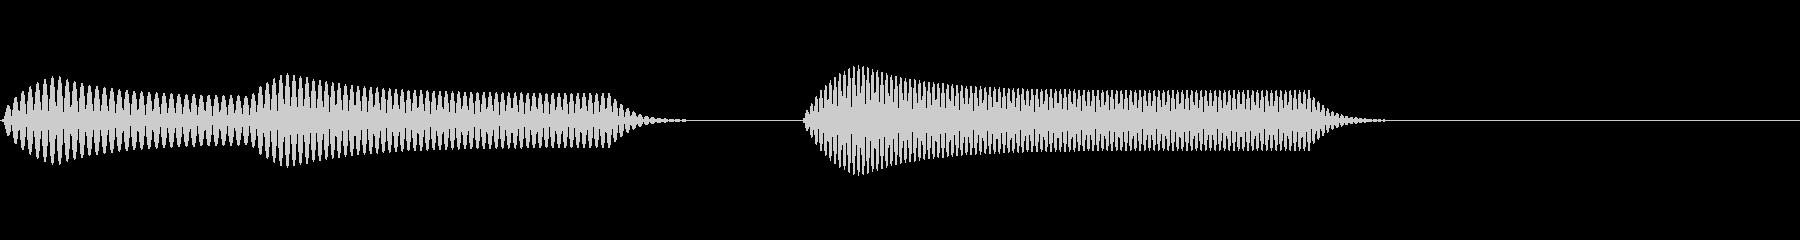 シンプルなシステムSE(モノ・残響なし)の未再生の波形